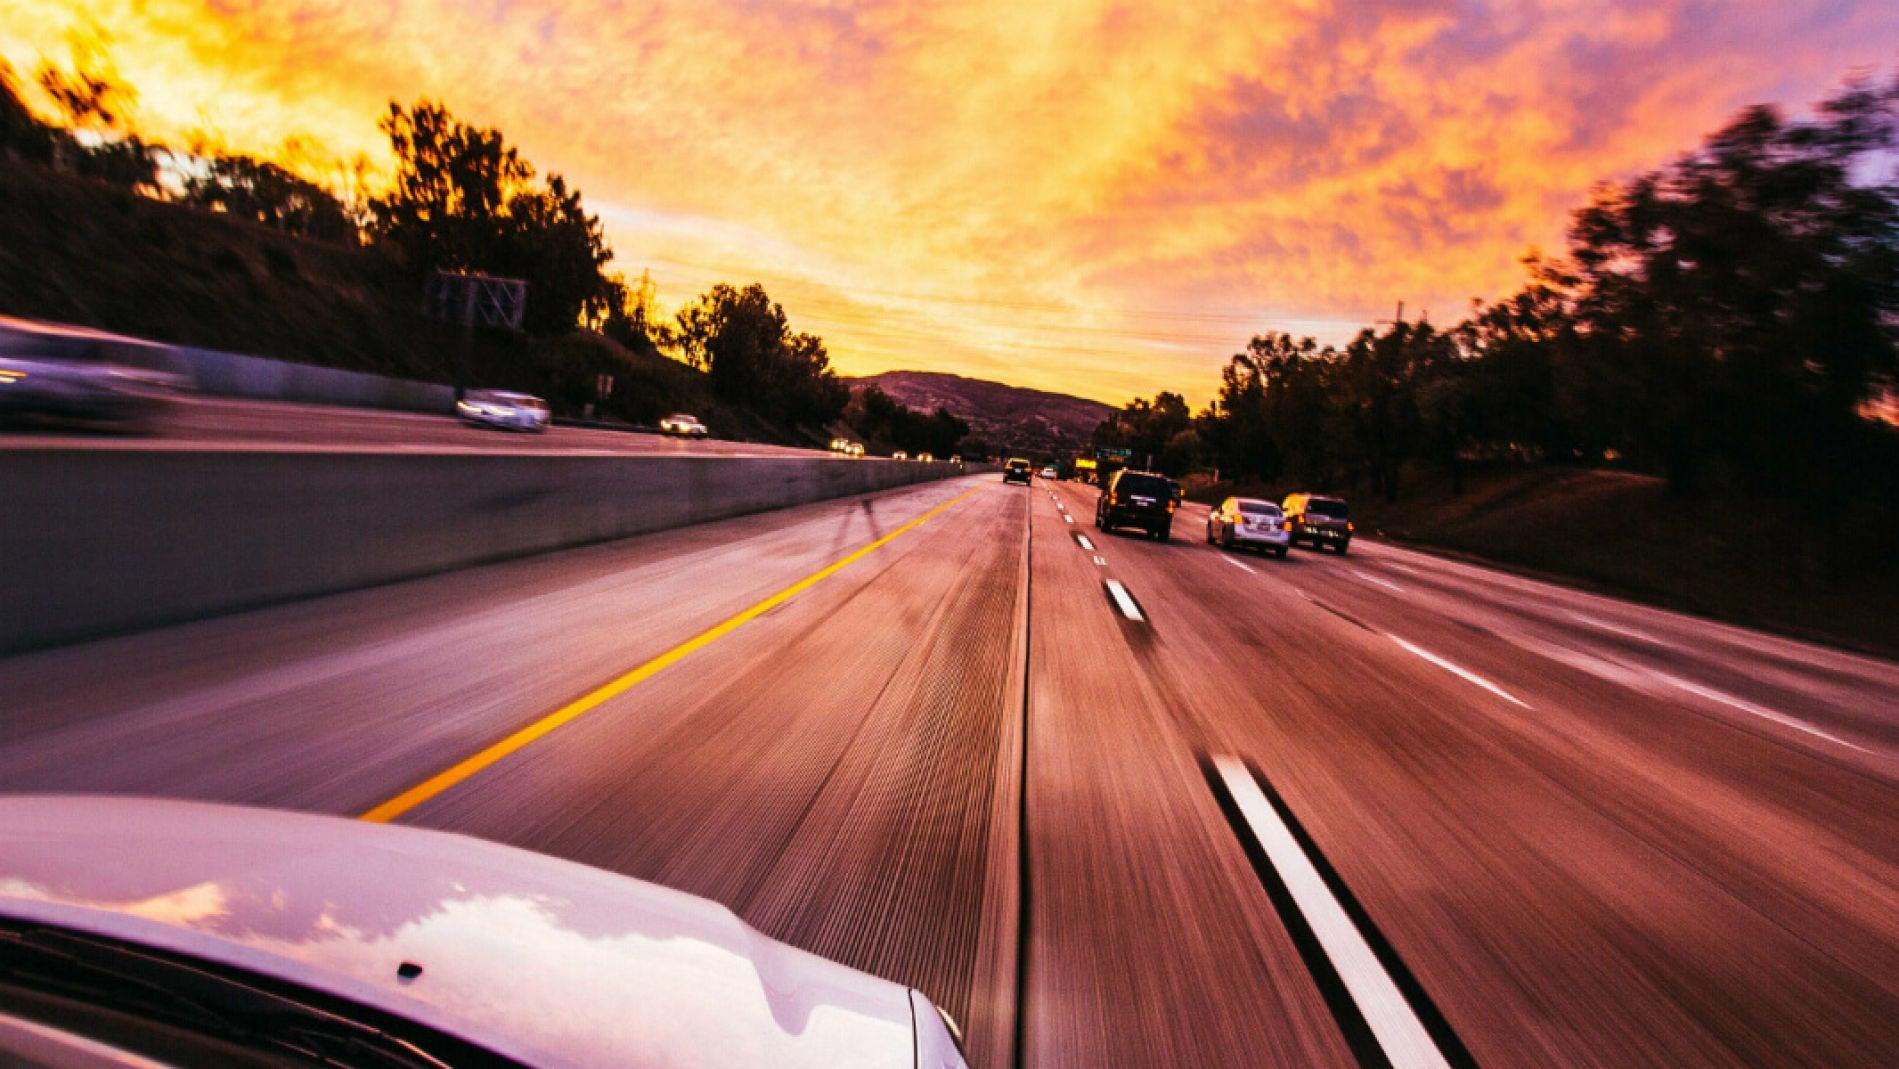 Las altas temperaturas del verano pueden afectar a la conducción